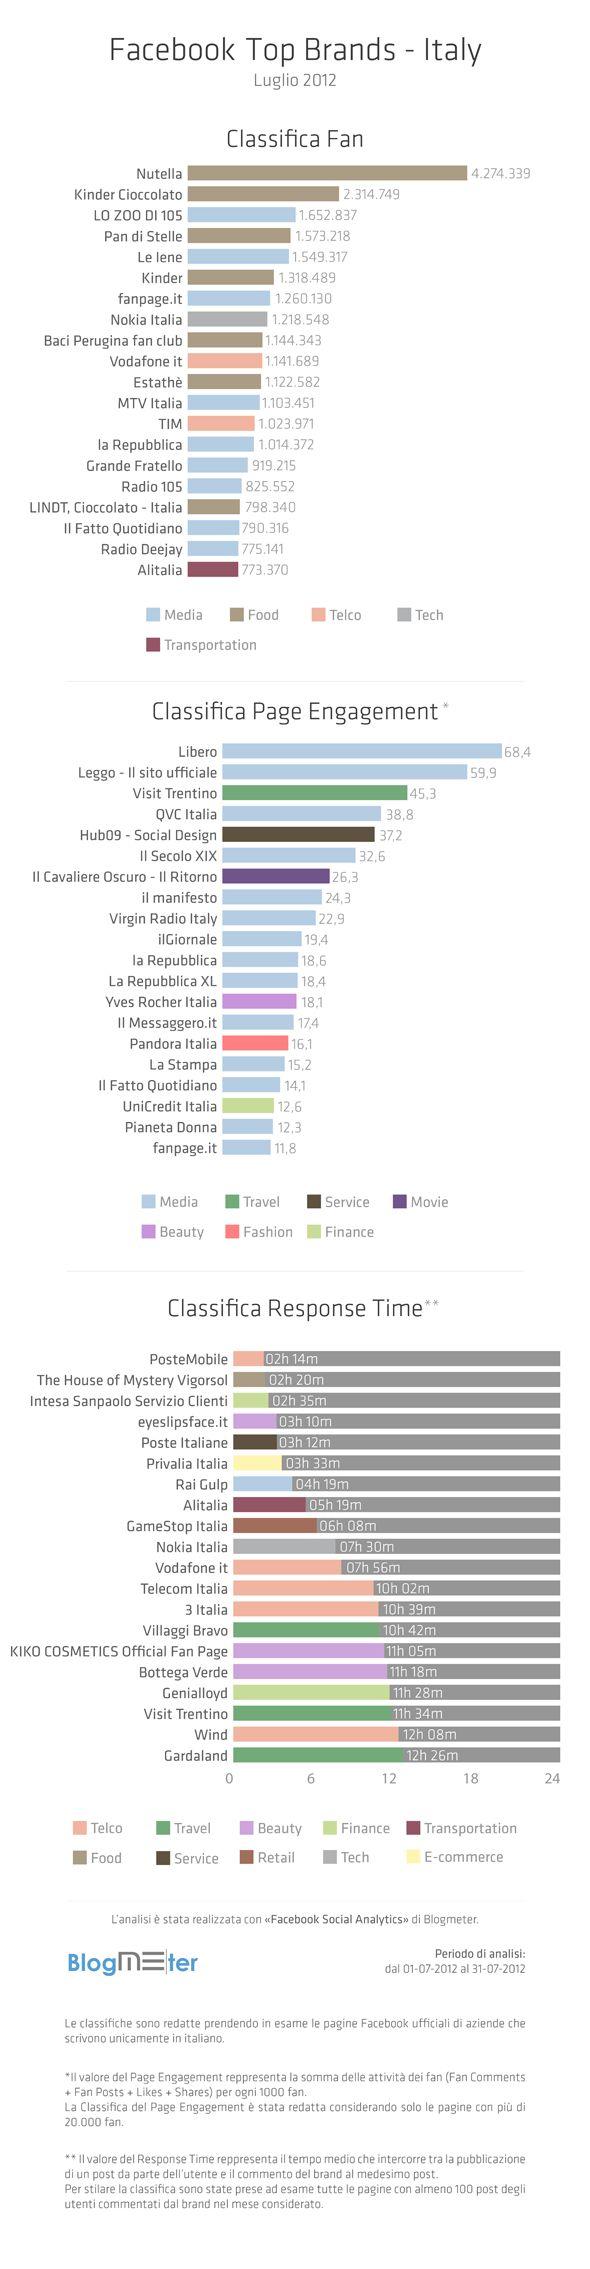 Top Brands (luglio 2012)